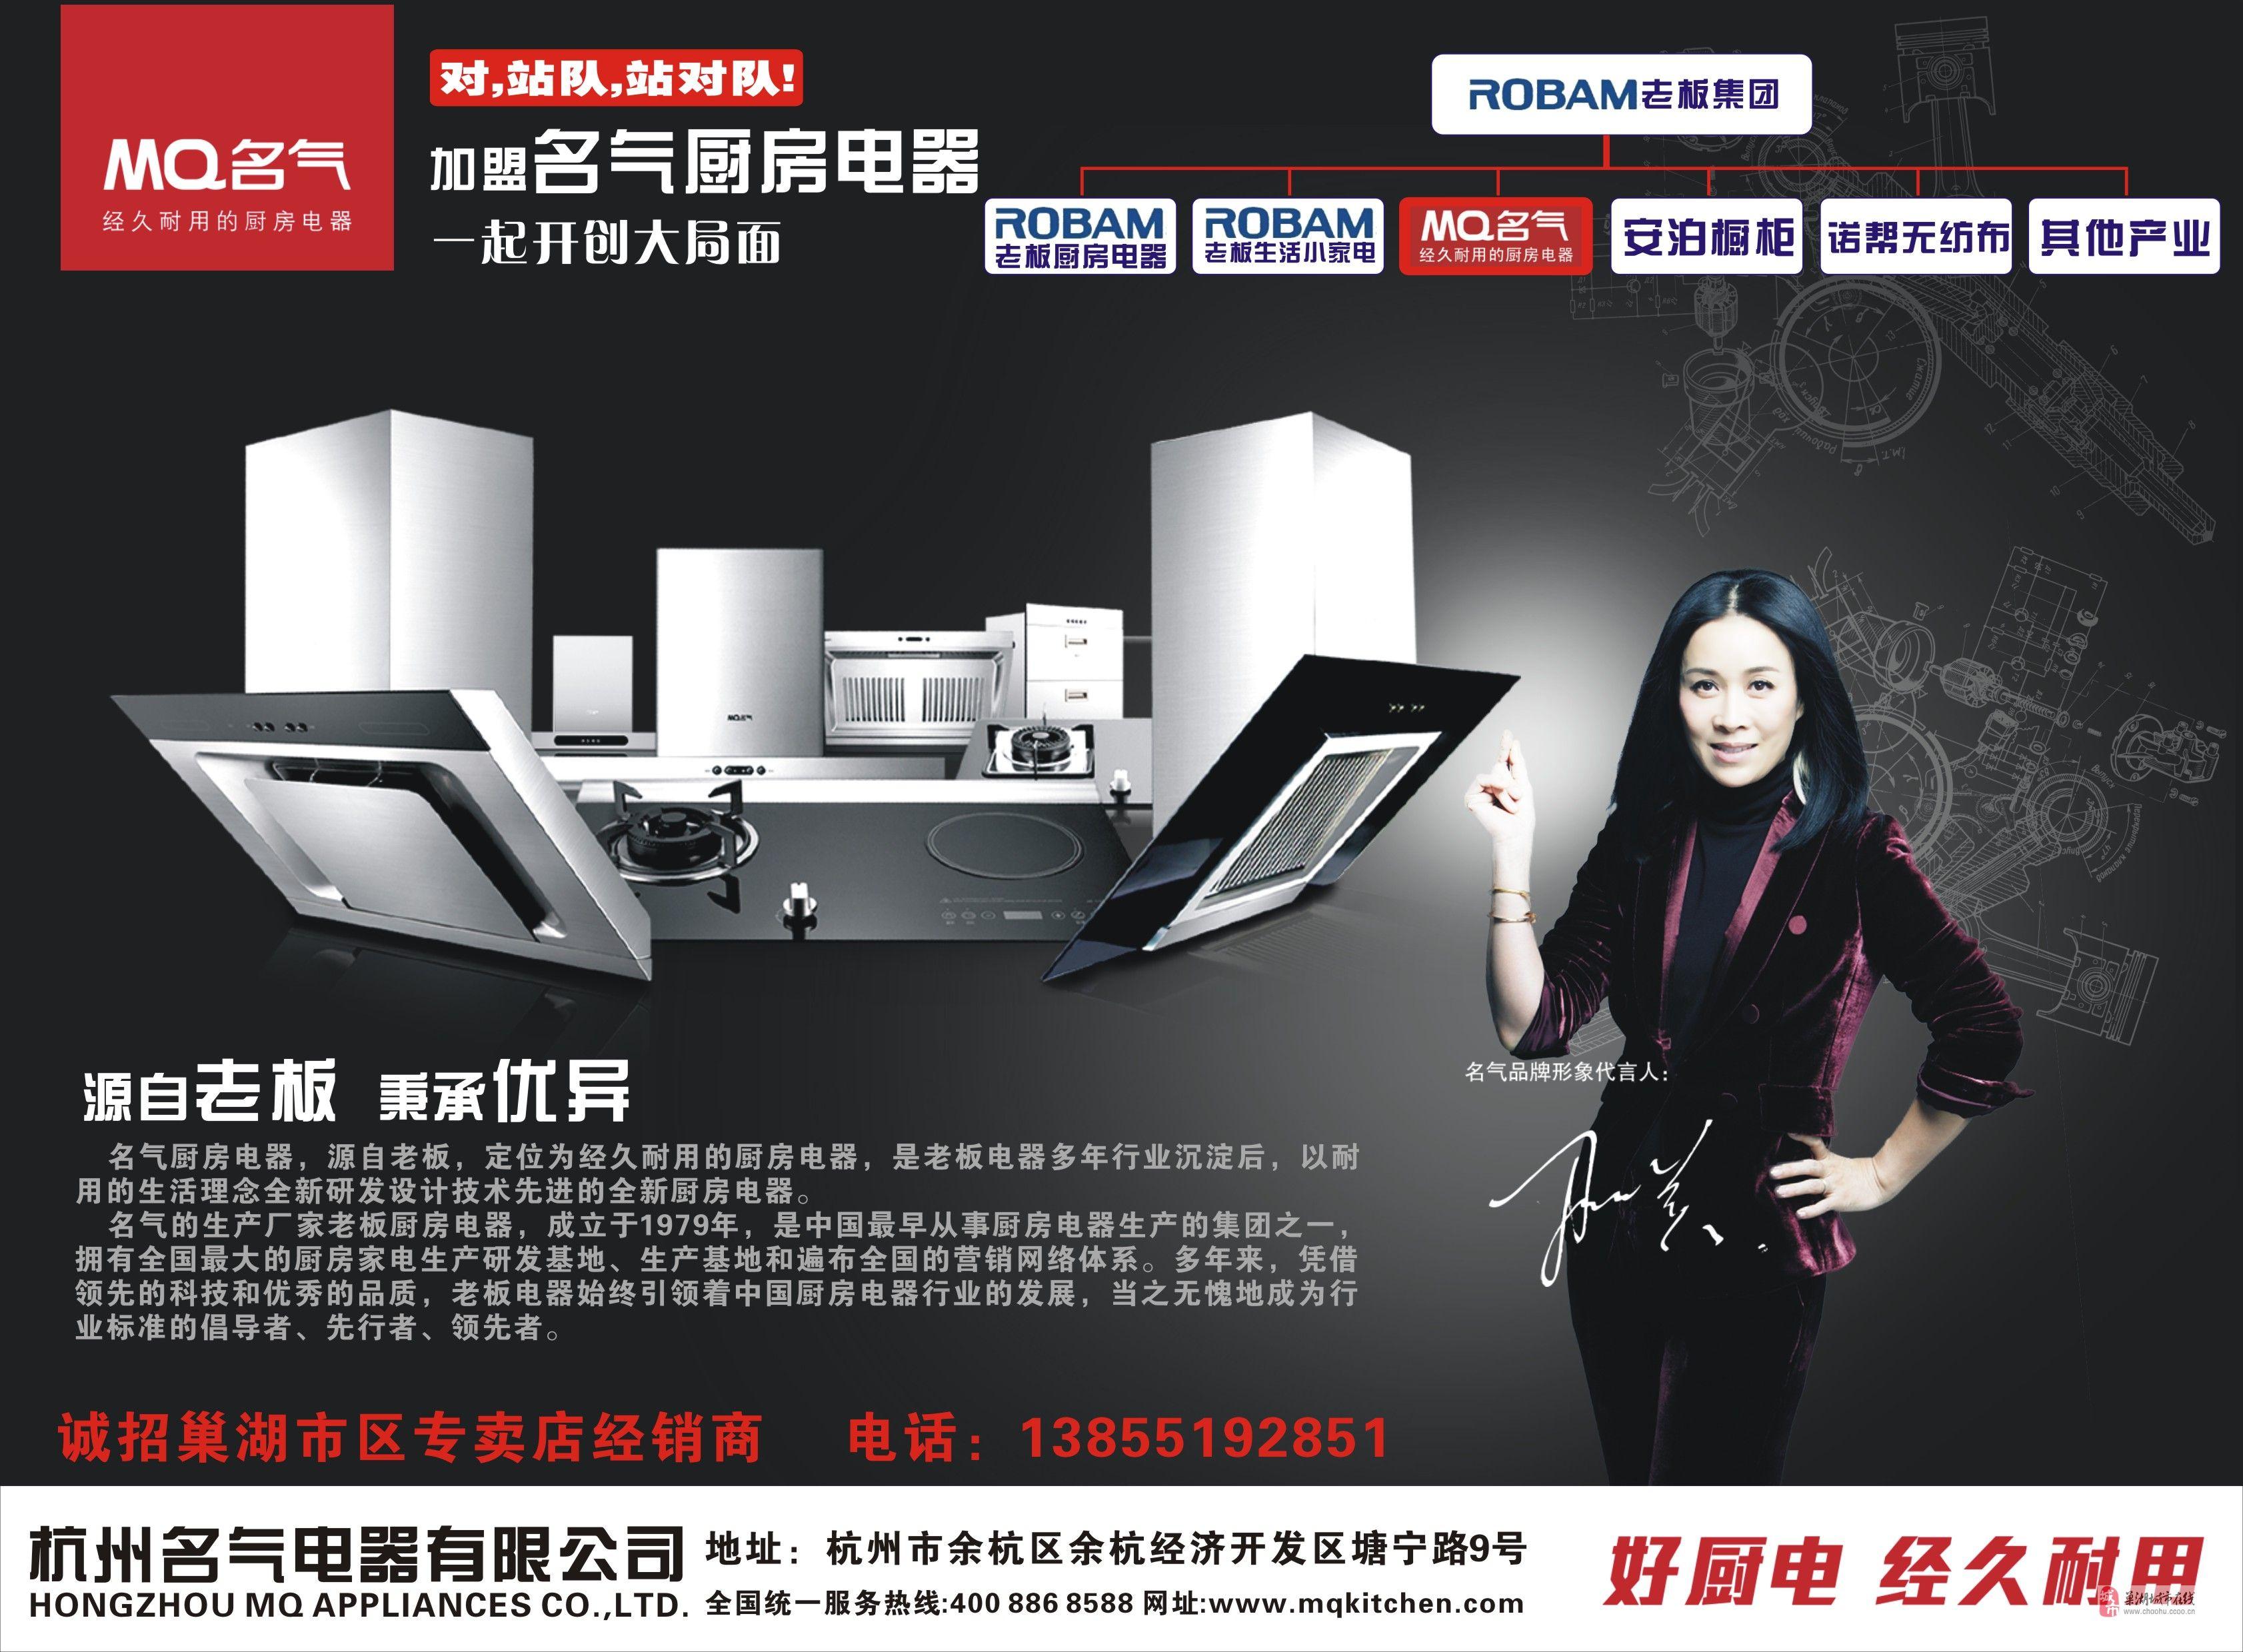 杭州老板集团名气厨房电器诚招巢湖市区经销商